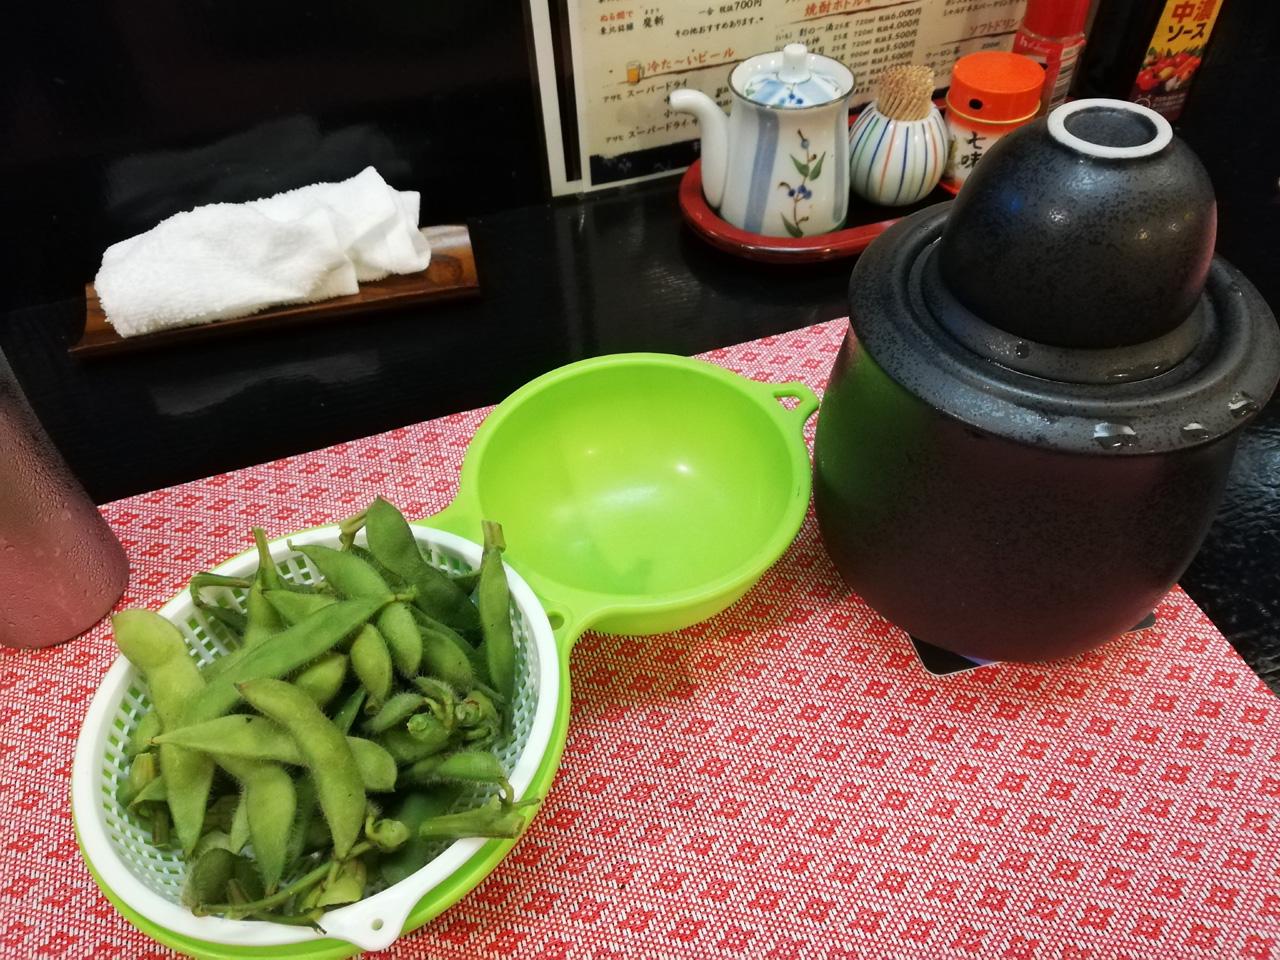 熱燗と枝豆